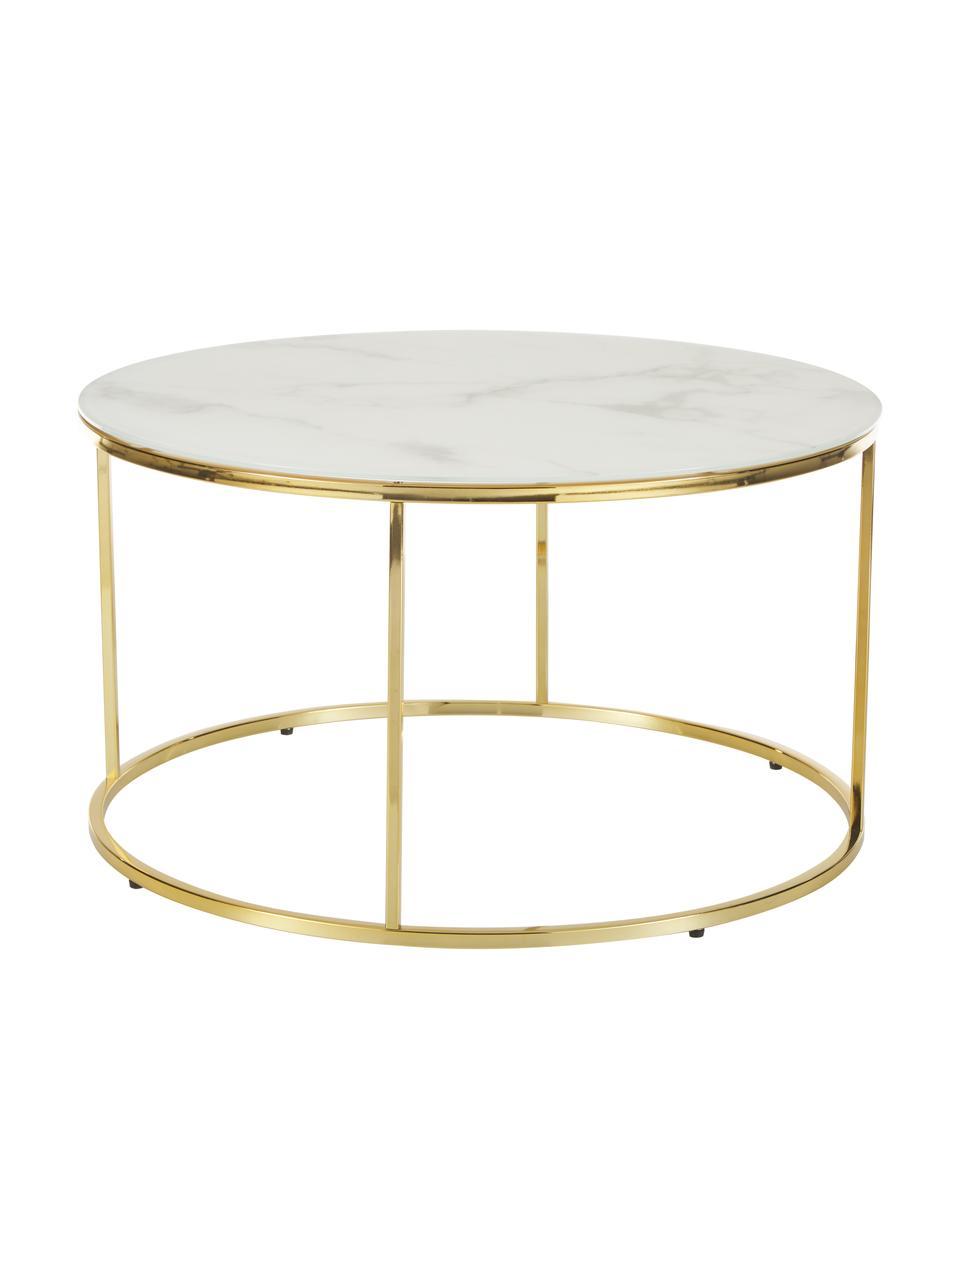 Tavolino da salotto con piano in vetro effetto marmo Antigua, Struttura: acciaio ottonato, Bianco-grigio marmorizzato, dorato, Ø 80 x Alt. 45 cm